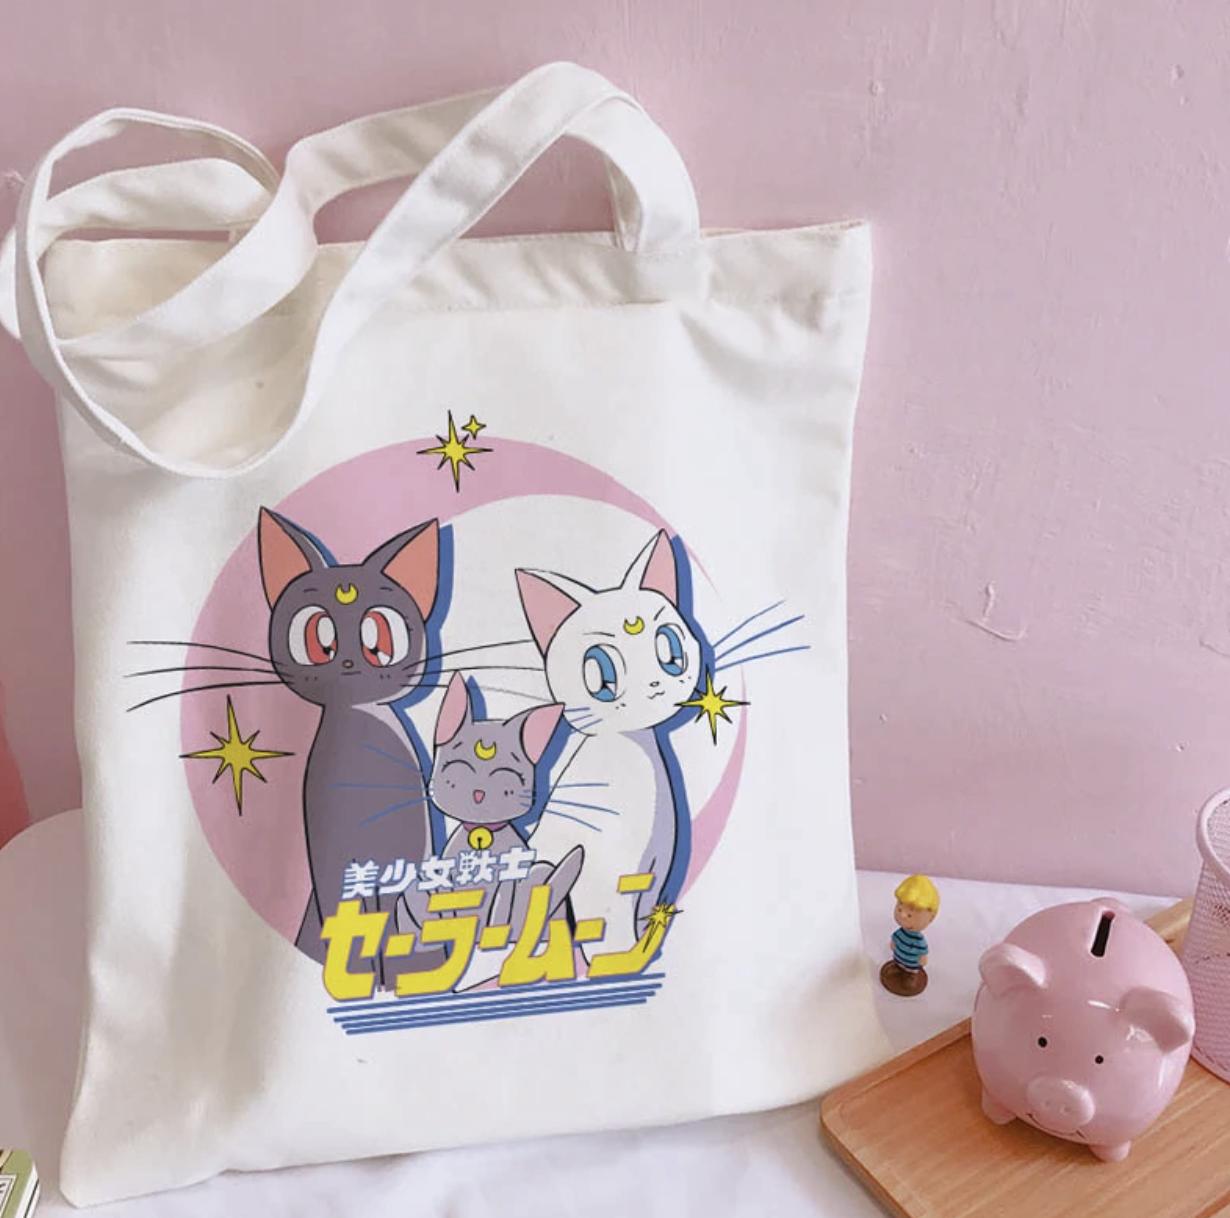 Bolsos de lona con estampado de Sailor Moon